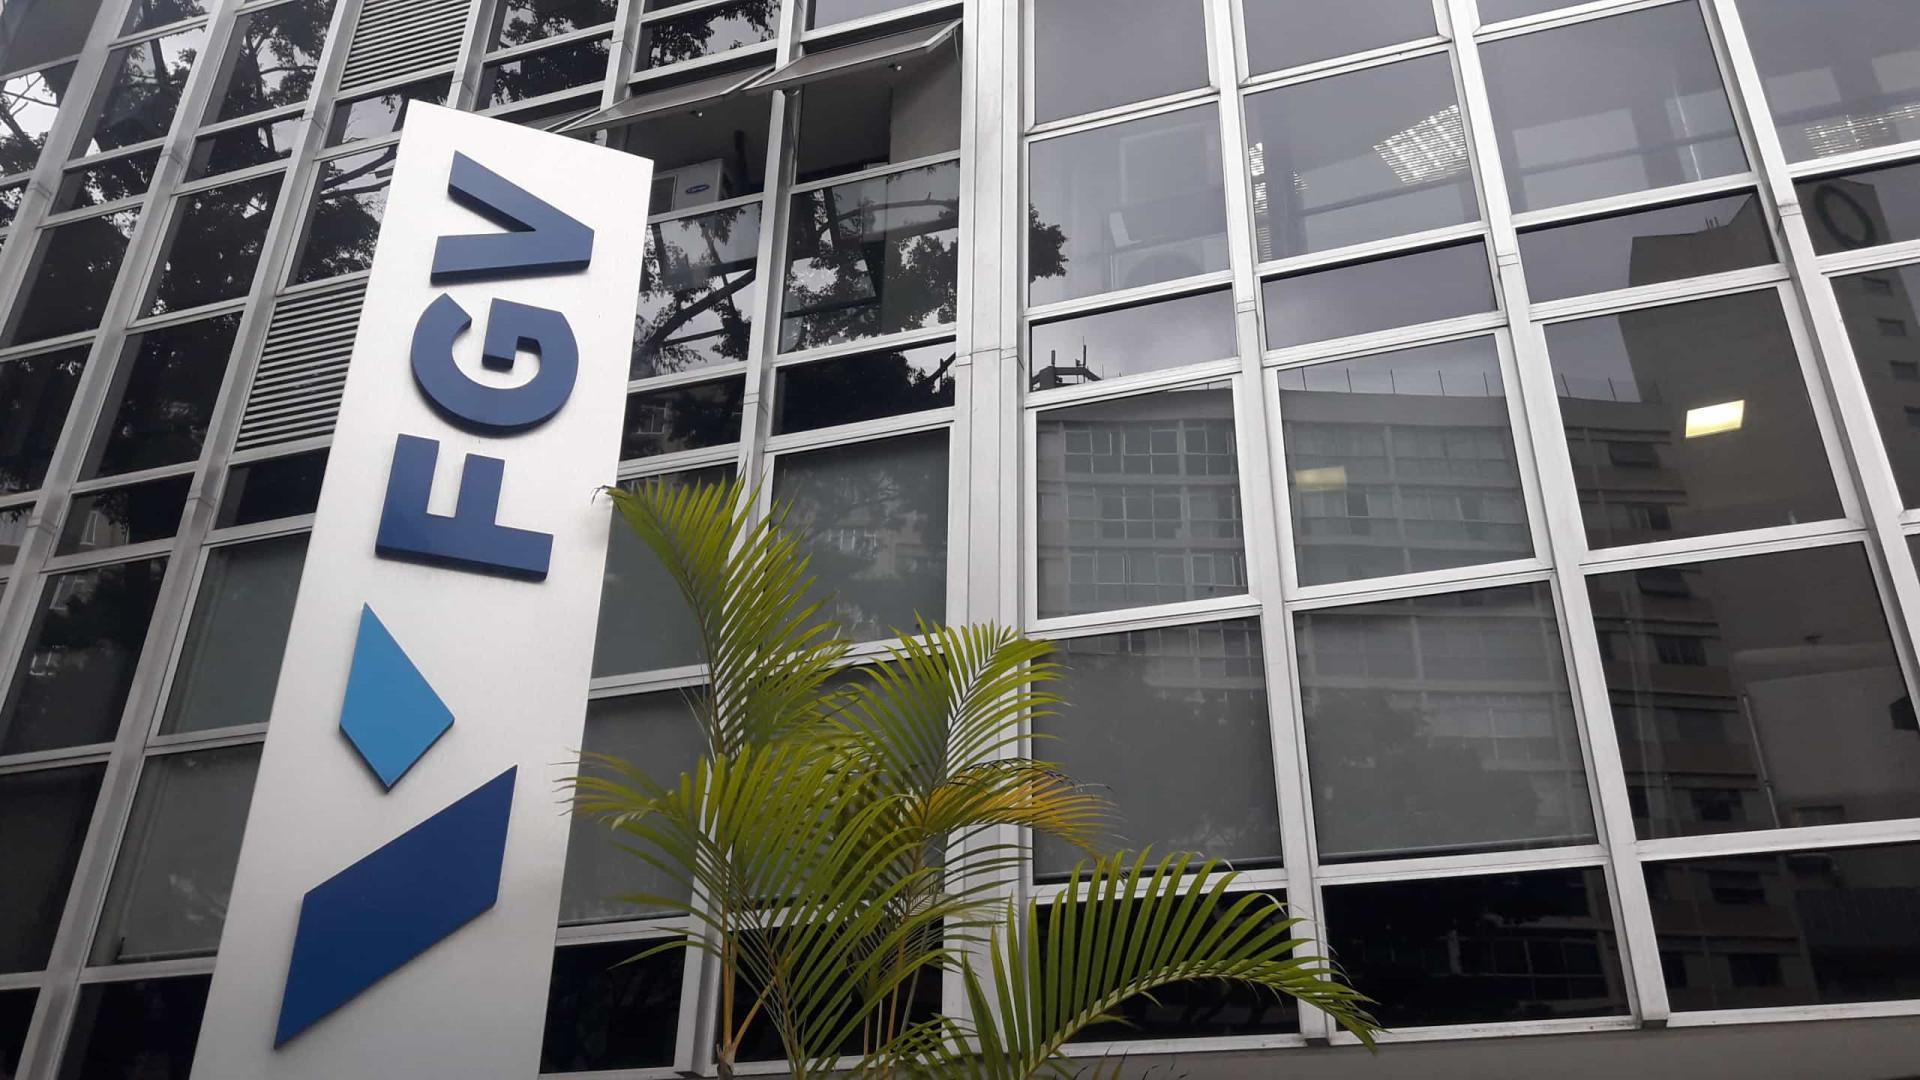 MP do Rio pede destituição de dirigentes da FGV